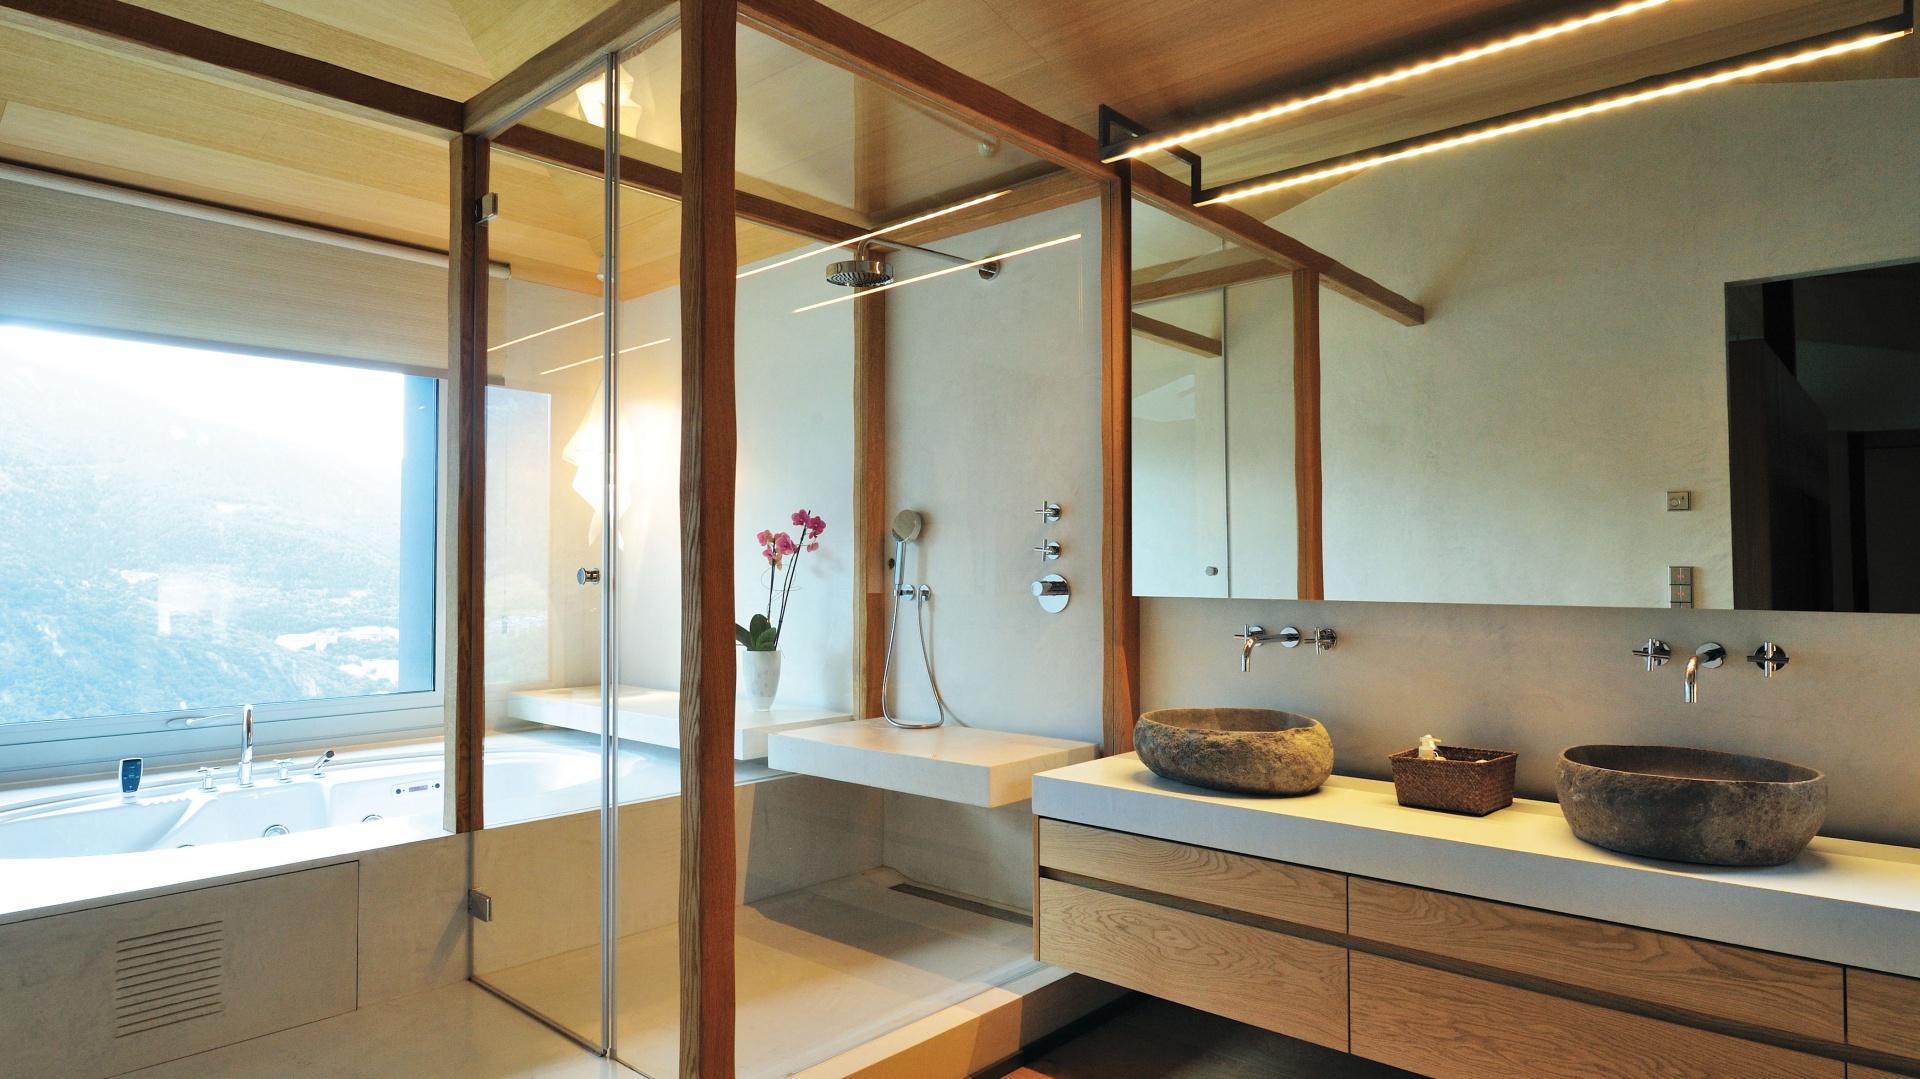 Łazienka wygląda niczym ekskluzywny salon SPA. Kabinę prysznicową zaznaczają drewniane belki, pomiędzy które wpasowano przeszklenia. Przy oknie usytuowano wannę. Duże lustro optycznie powiększa przestrzeń. Projekt: Coblonal Arquitectura. Fot. Coblonal Arquitectura.